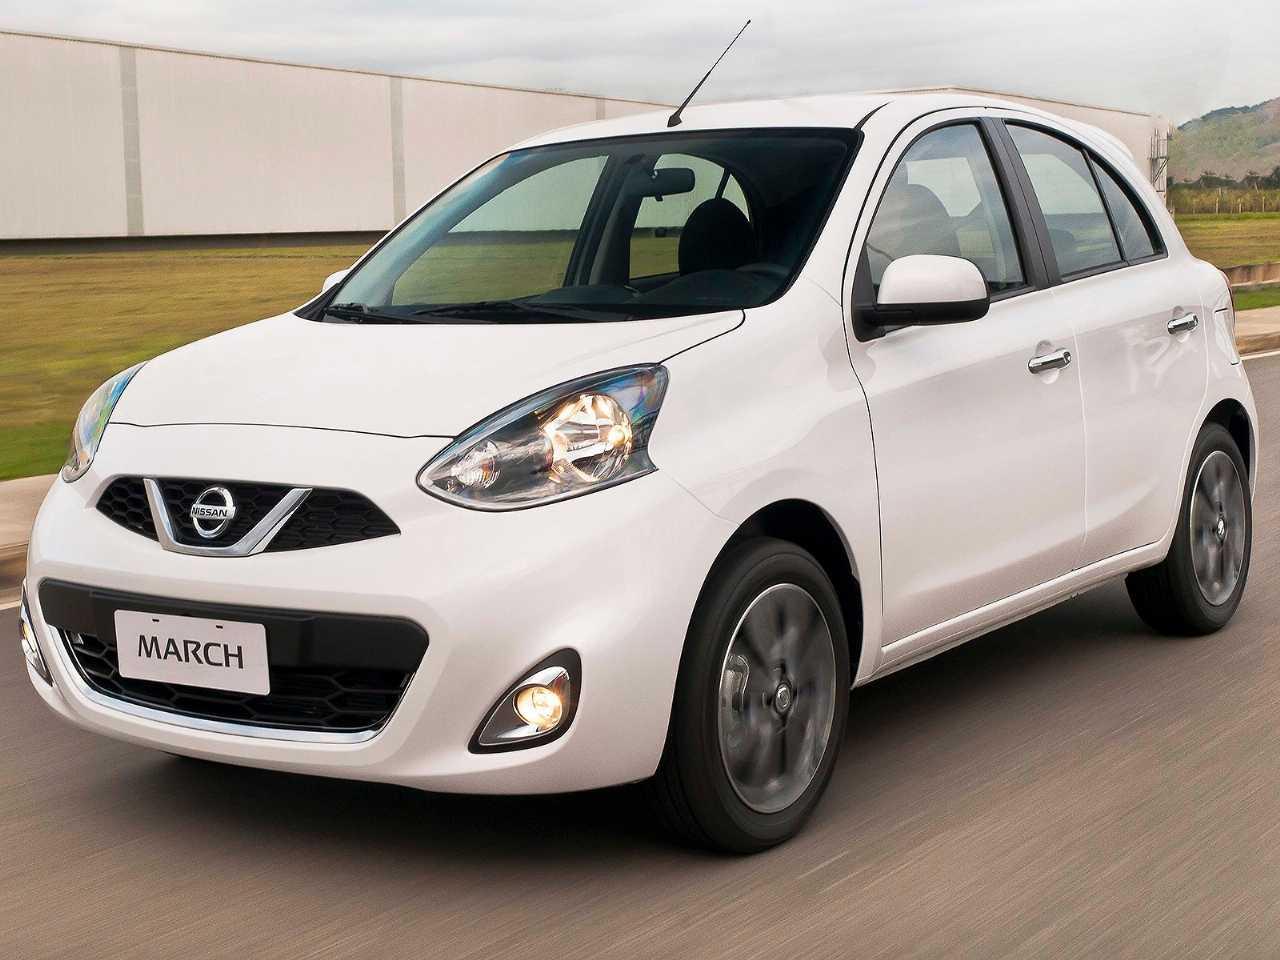 Nissan March Tera Nova Geracao Especifica Para Brasil E Regiao Adianta Site Autoo